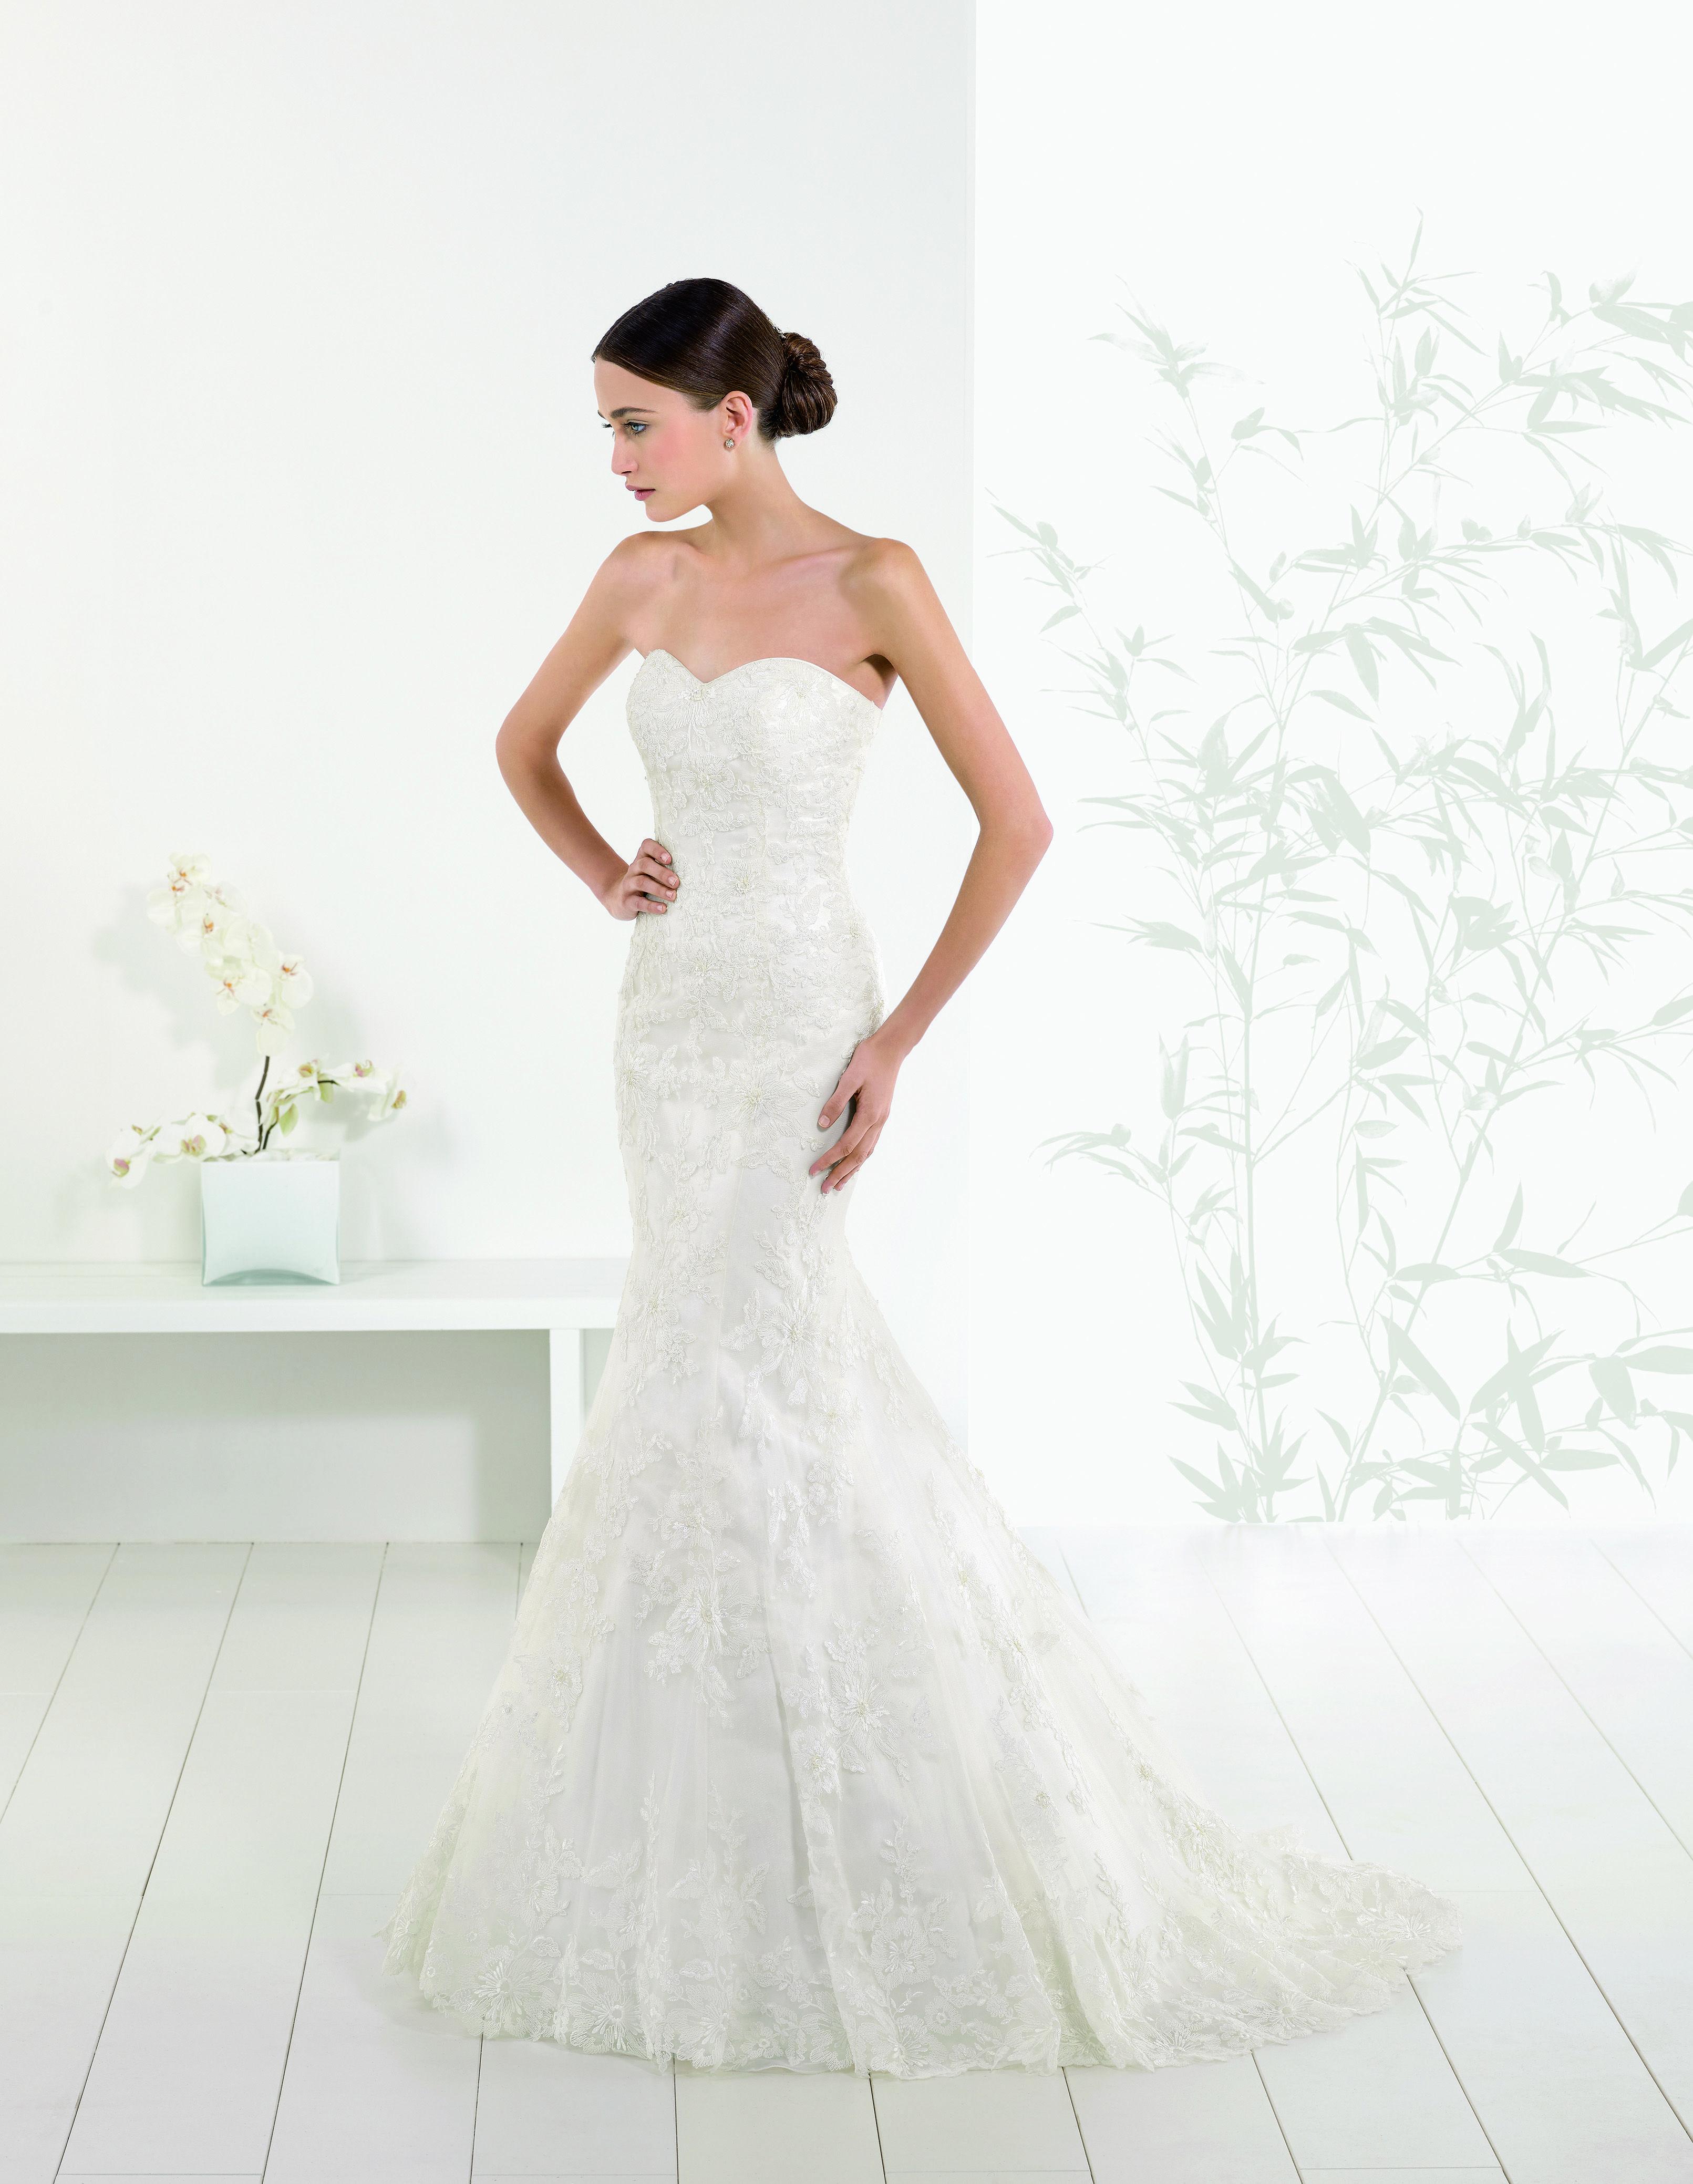 12308ff1e638 Abito da sposa sirena in pizzo Adriana Alier Rosa Clara  2016 per Bride  Project Buttrio www.brideproject.it